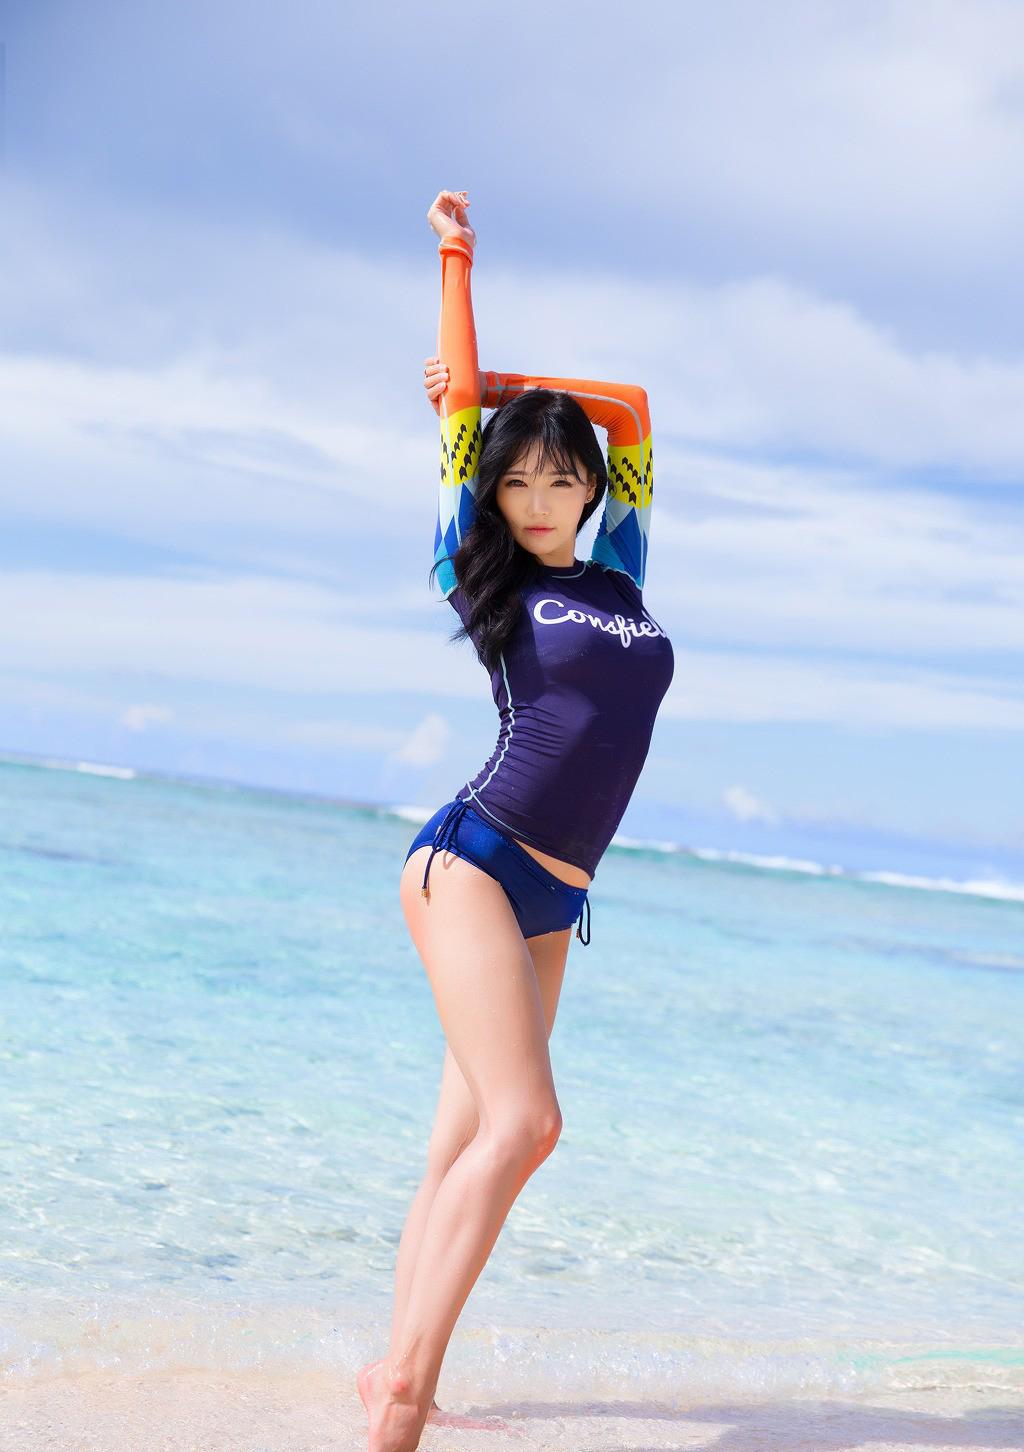 海边诱惑小姐姐【15p】 绅士风度